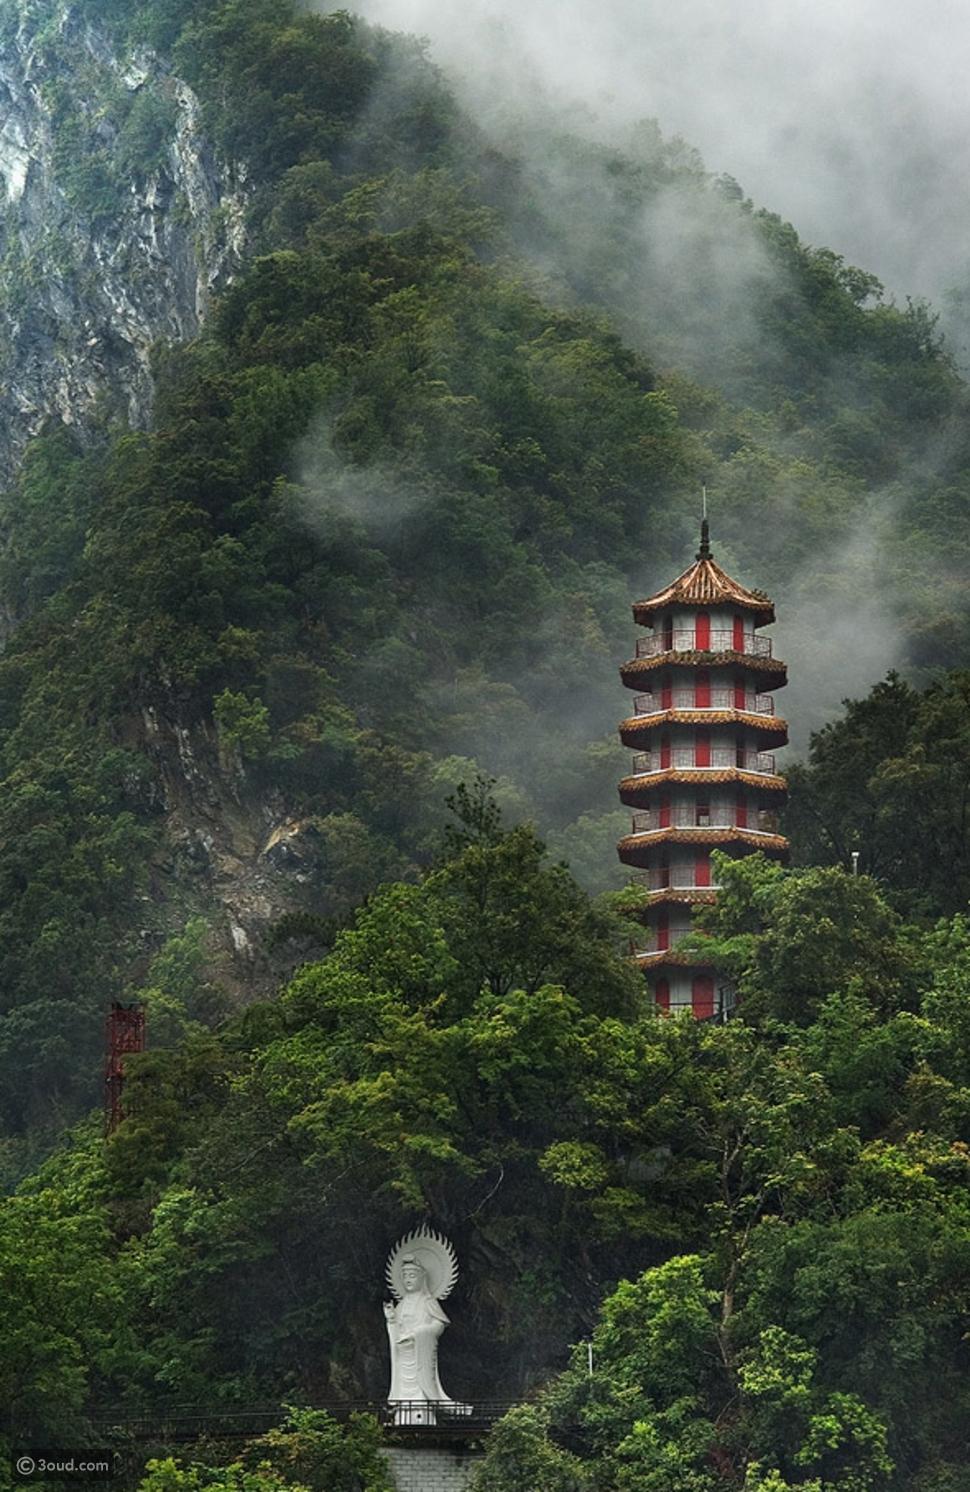 تايوان - مكان آمن يرحب بالجميع